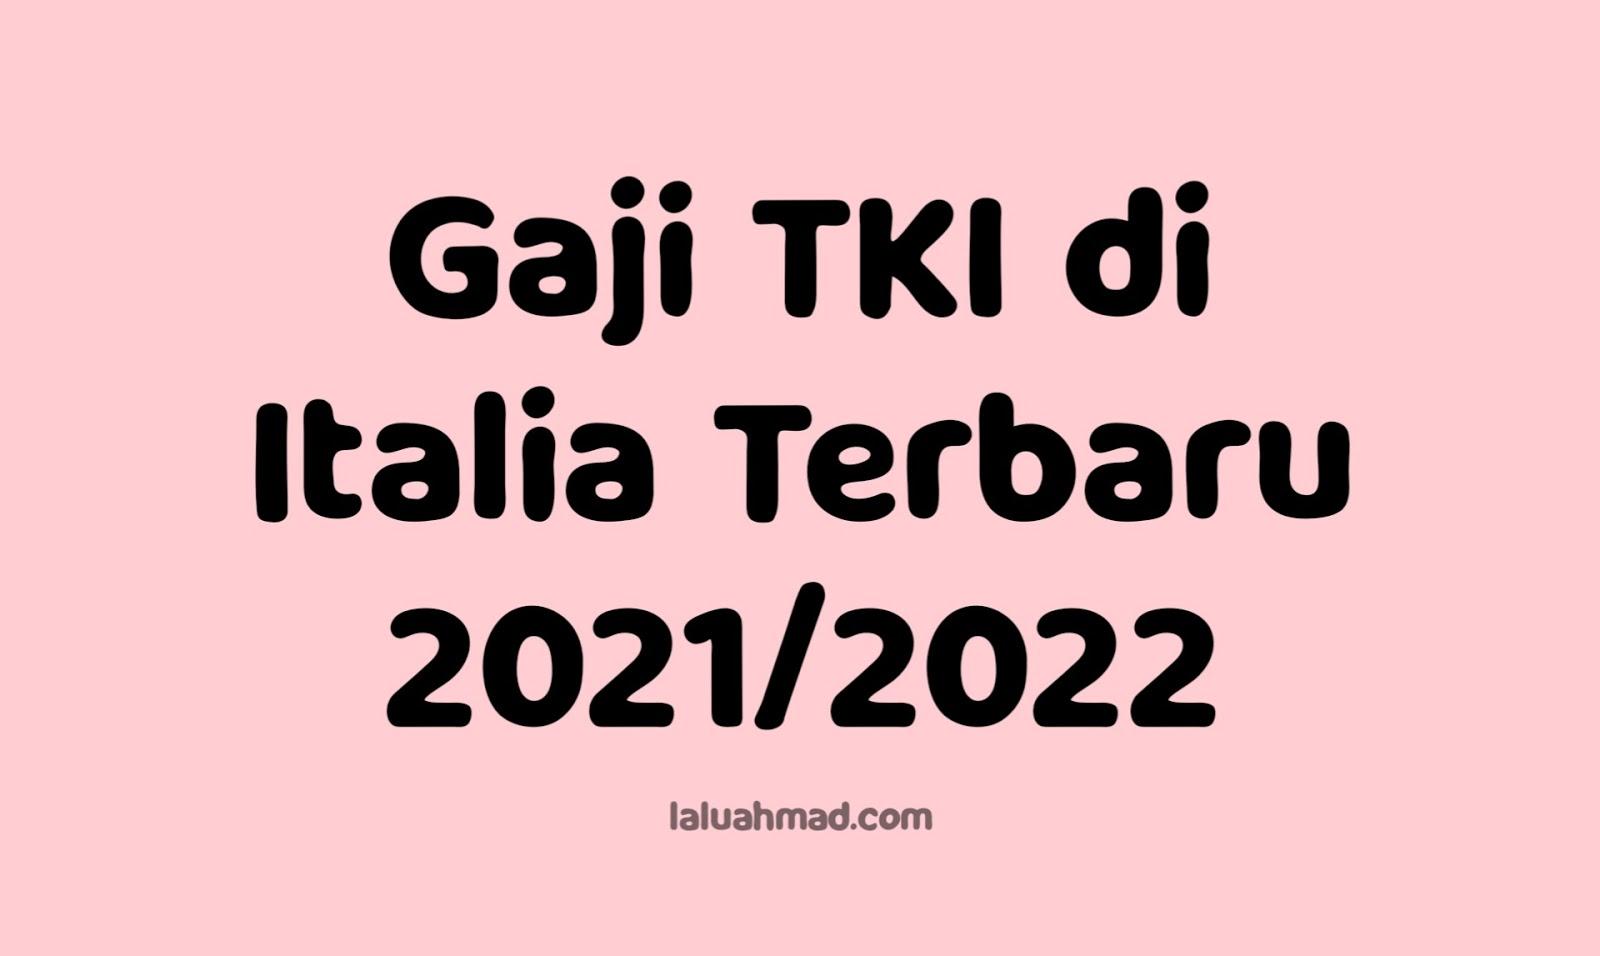 Gaji TKI di Italia Terbaru 2021/2022